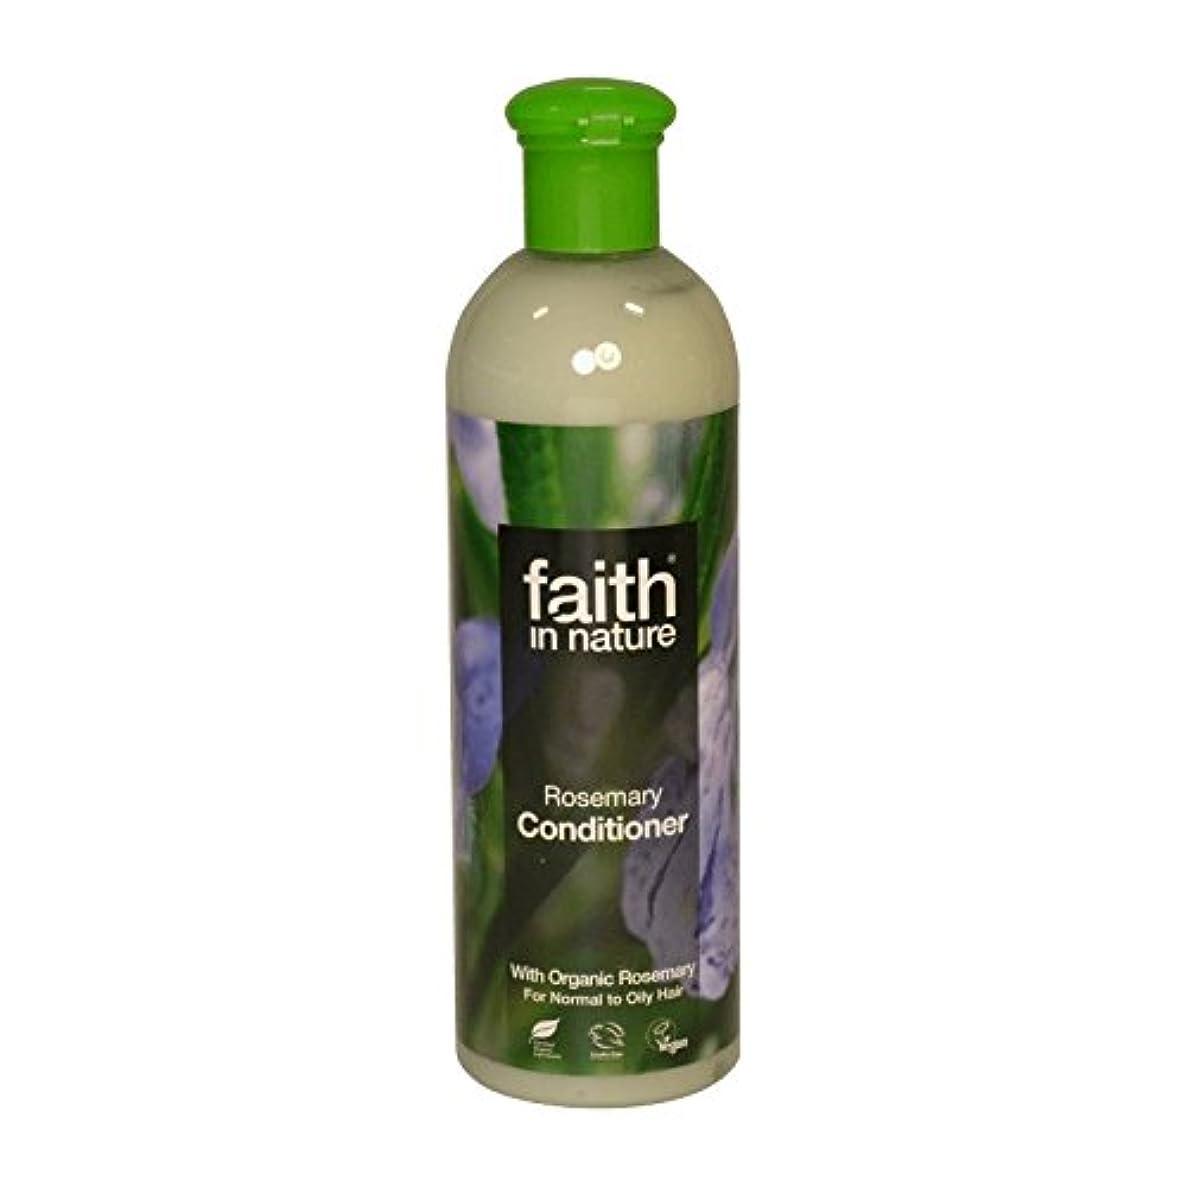 貴重な既婚迷惑Faith in Nature Rosemary Conditioner 400ml (Pack of 6) - 自然ローズマリーコンディショナー400ミリリットルの信仰 (x6) [並行輸入品]